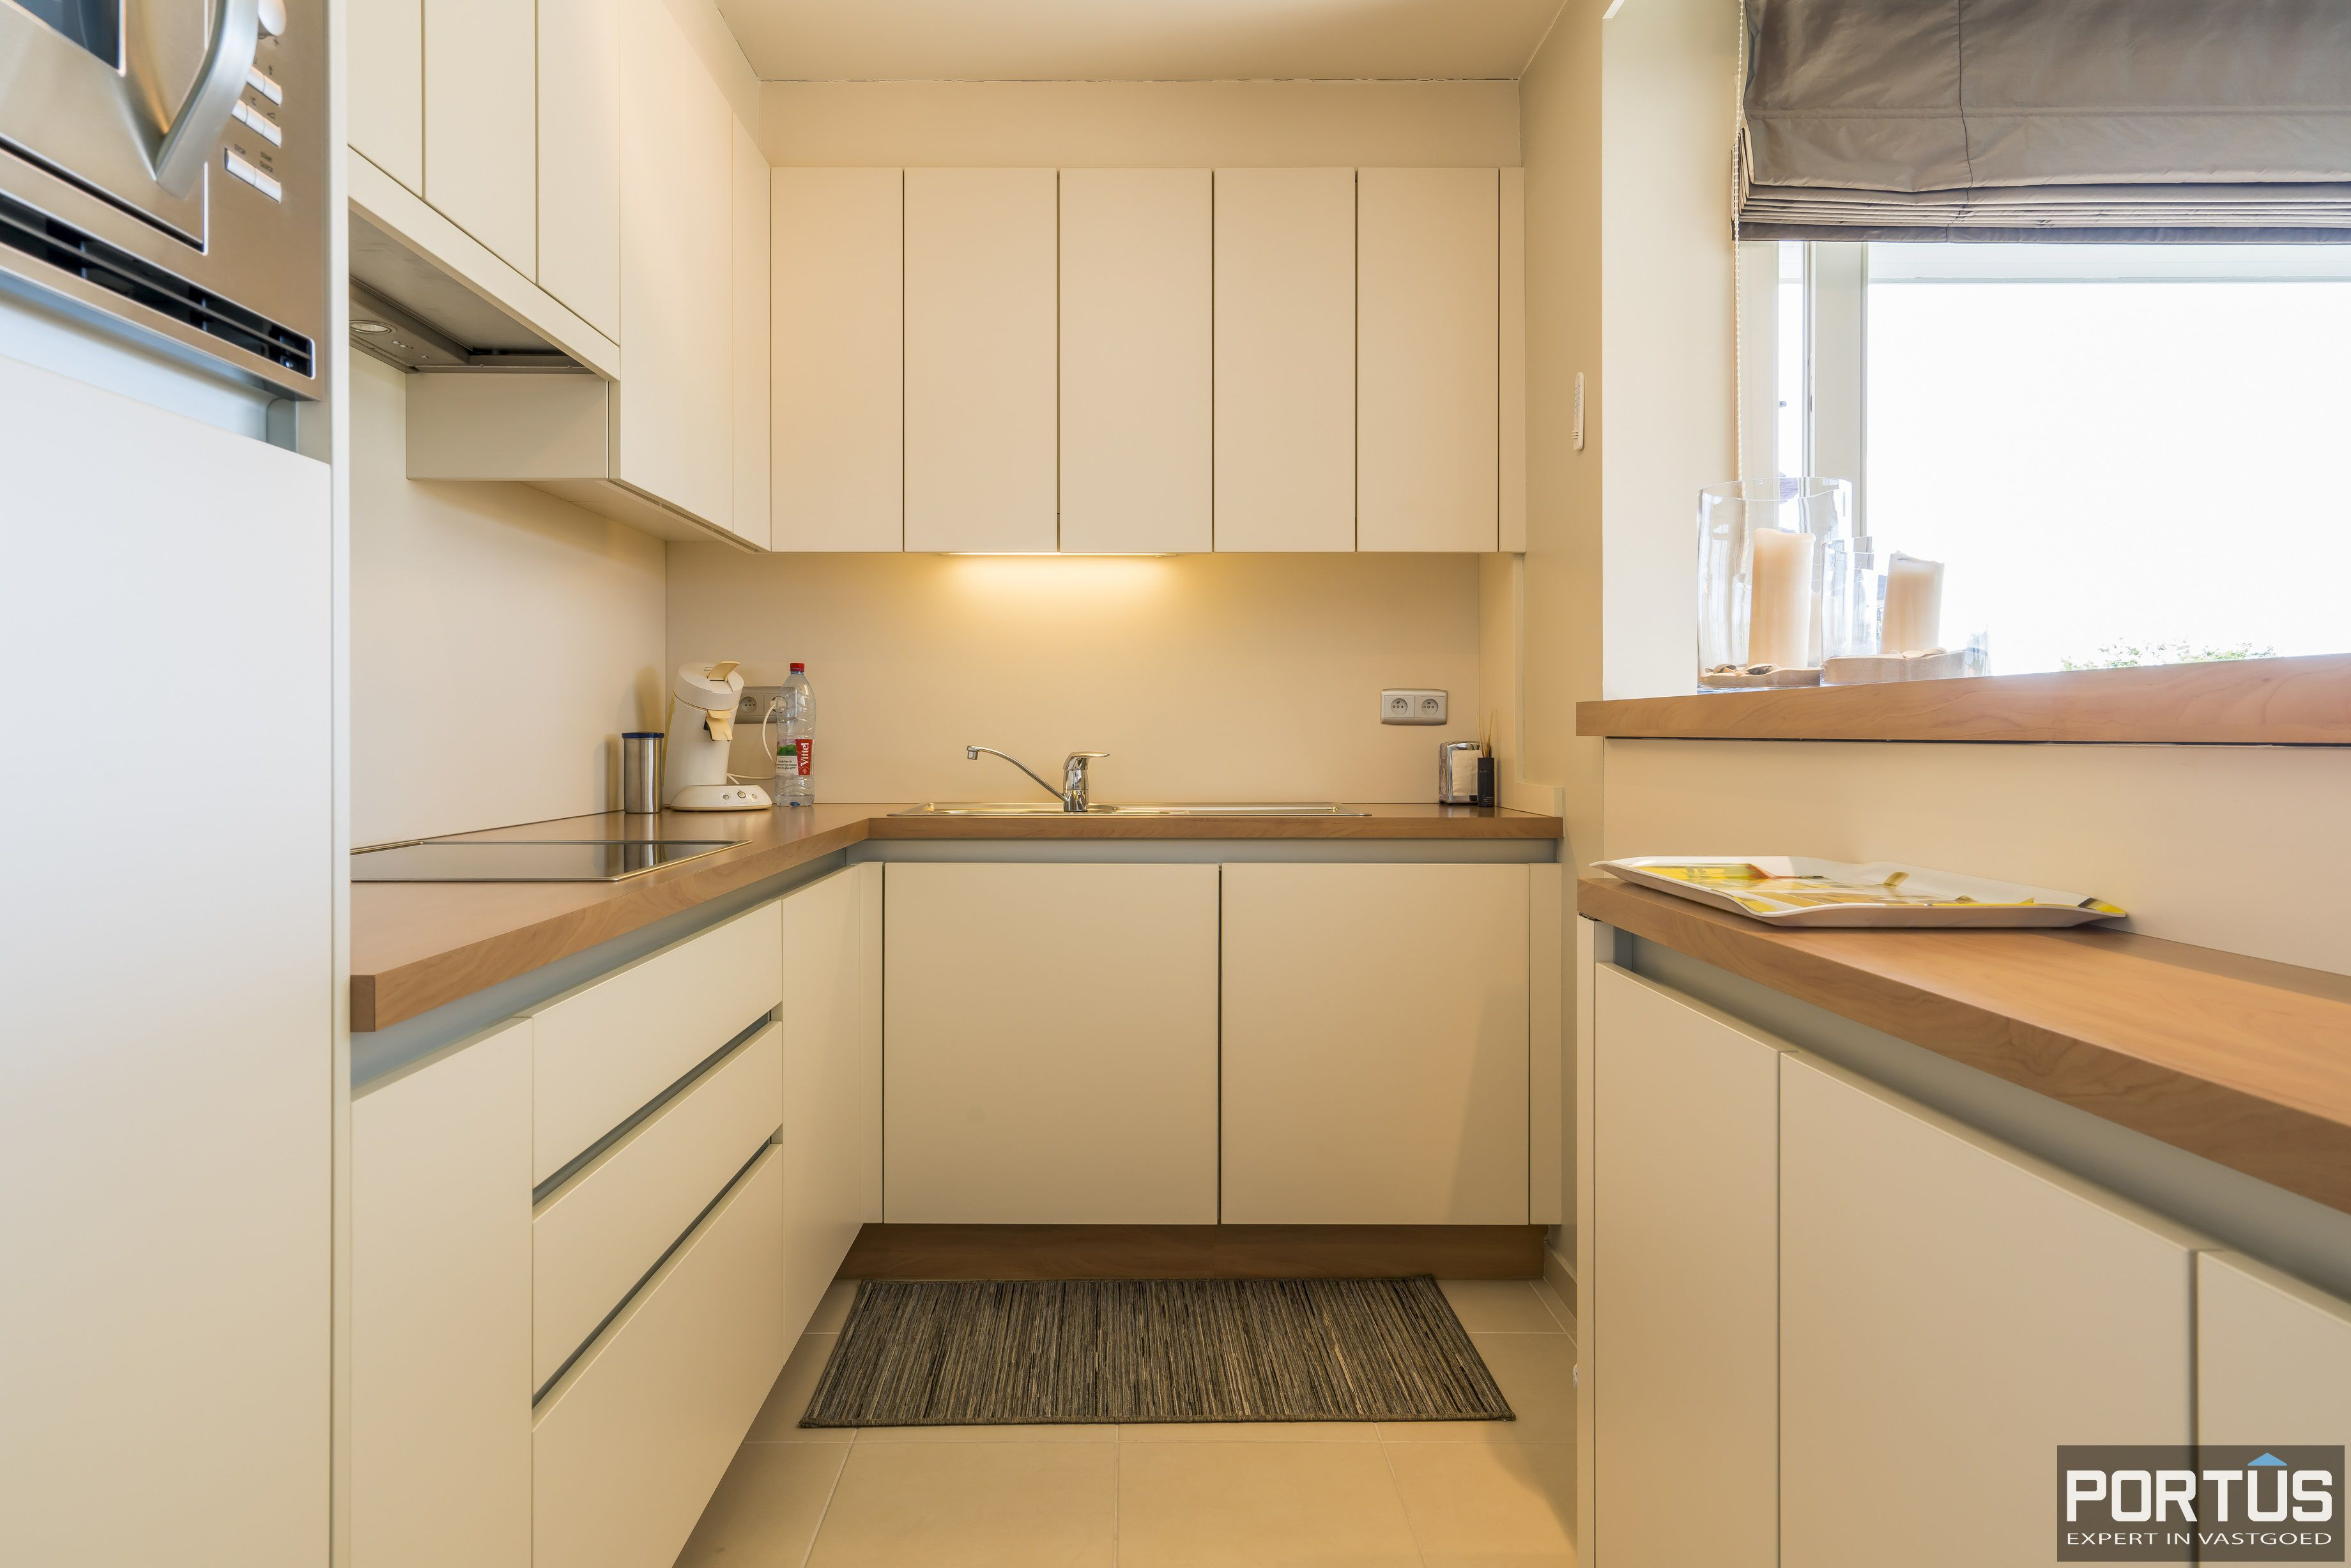 Instapklaar zongericht appartement met 2 slaapkamers te koop - 11506